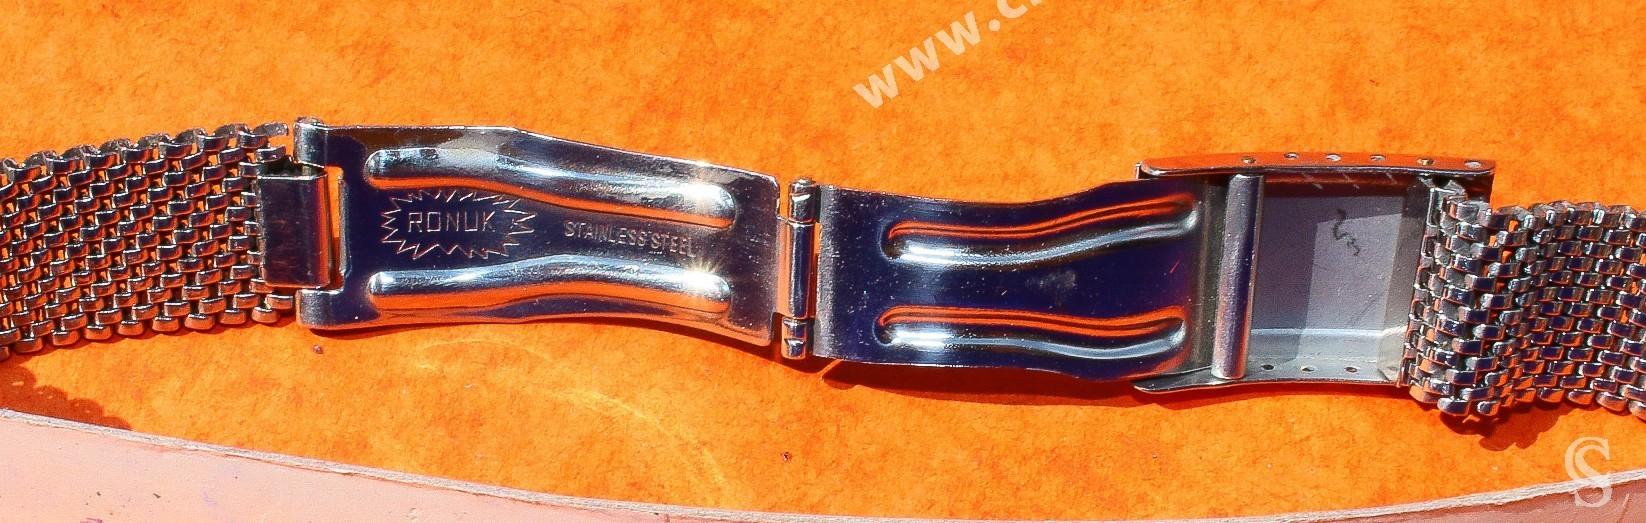 Bracelet RONUK 19mm Vintage de Montres en acier années 60-70 Mesh, milanais Breitling, Omega, heuer, Tissot, IWC, Jaeger